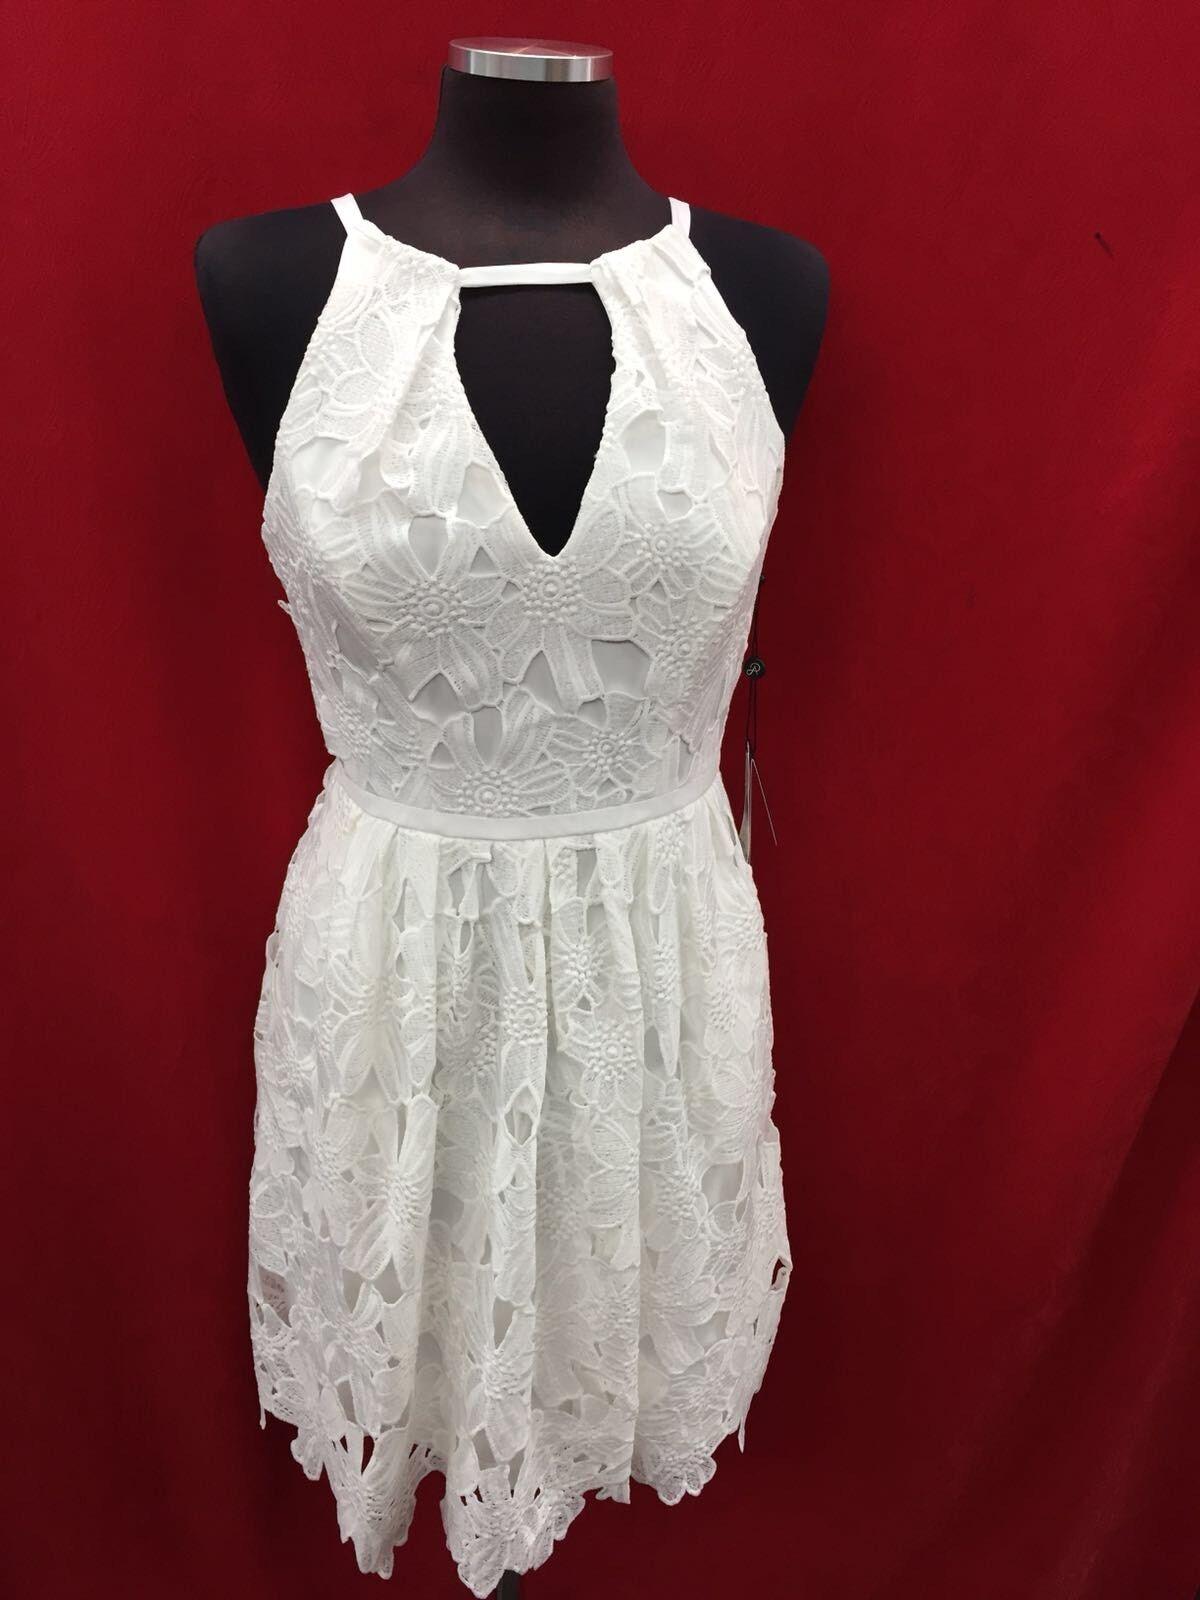 MAT Fashion Lagenlook SHIRT in A-Linie Gr 42 44 46 48 50 schwarz weiß